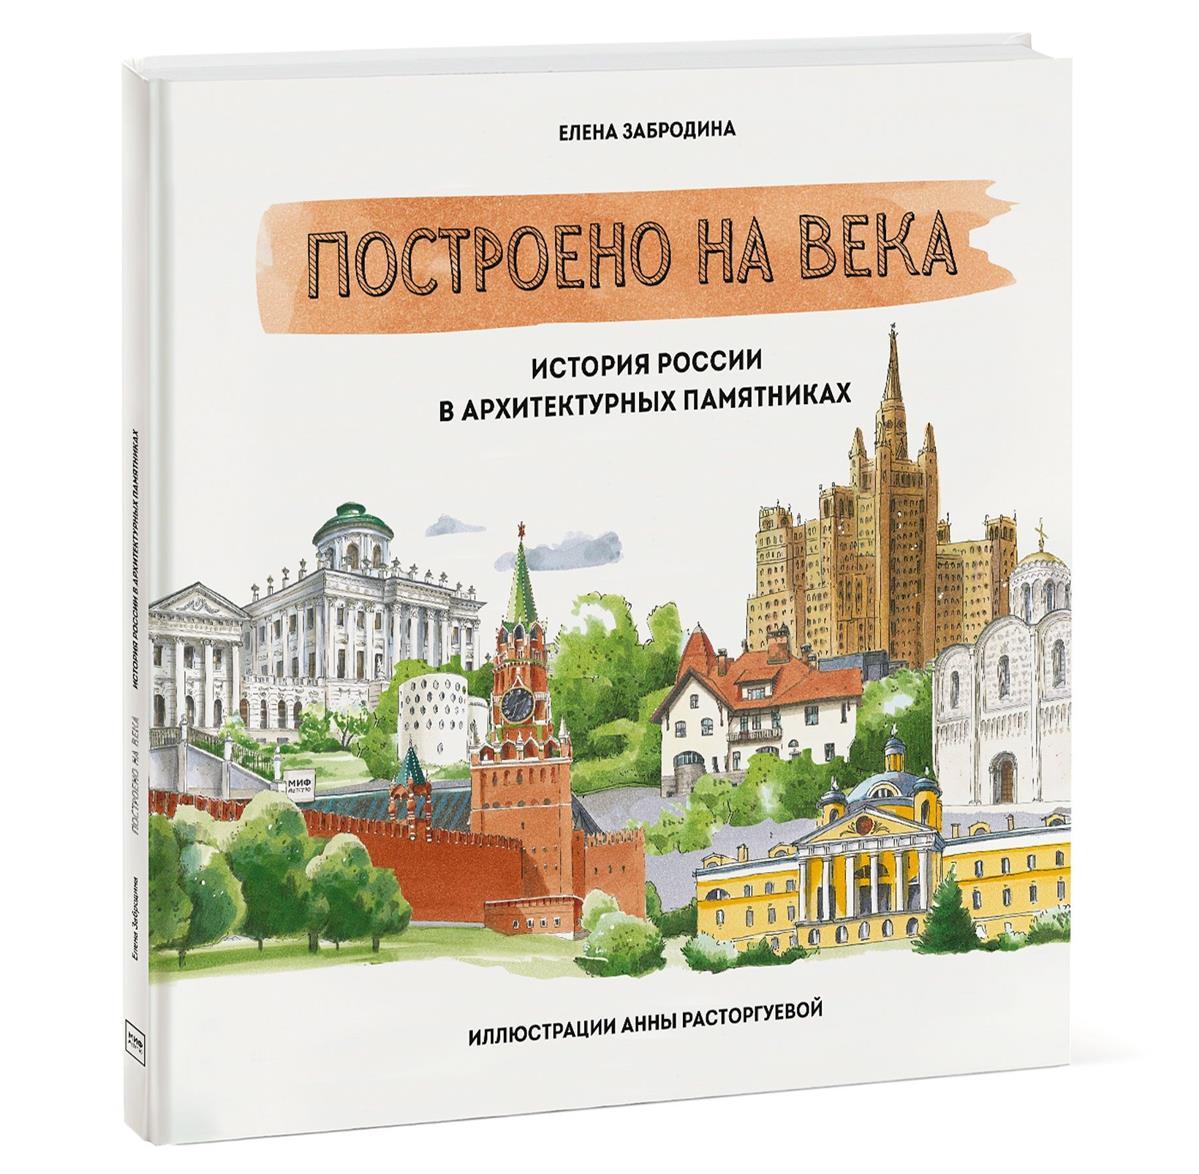 Построено на века. История России в архитектурных памятниках